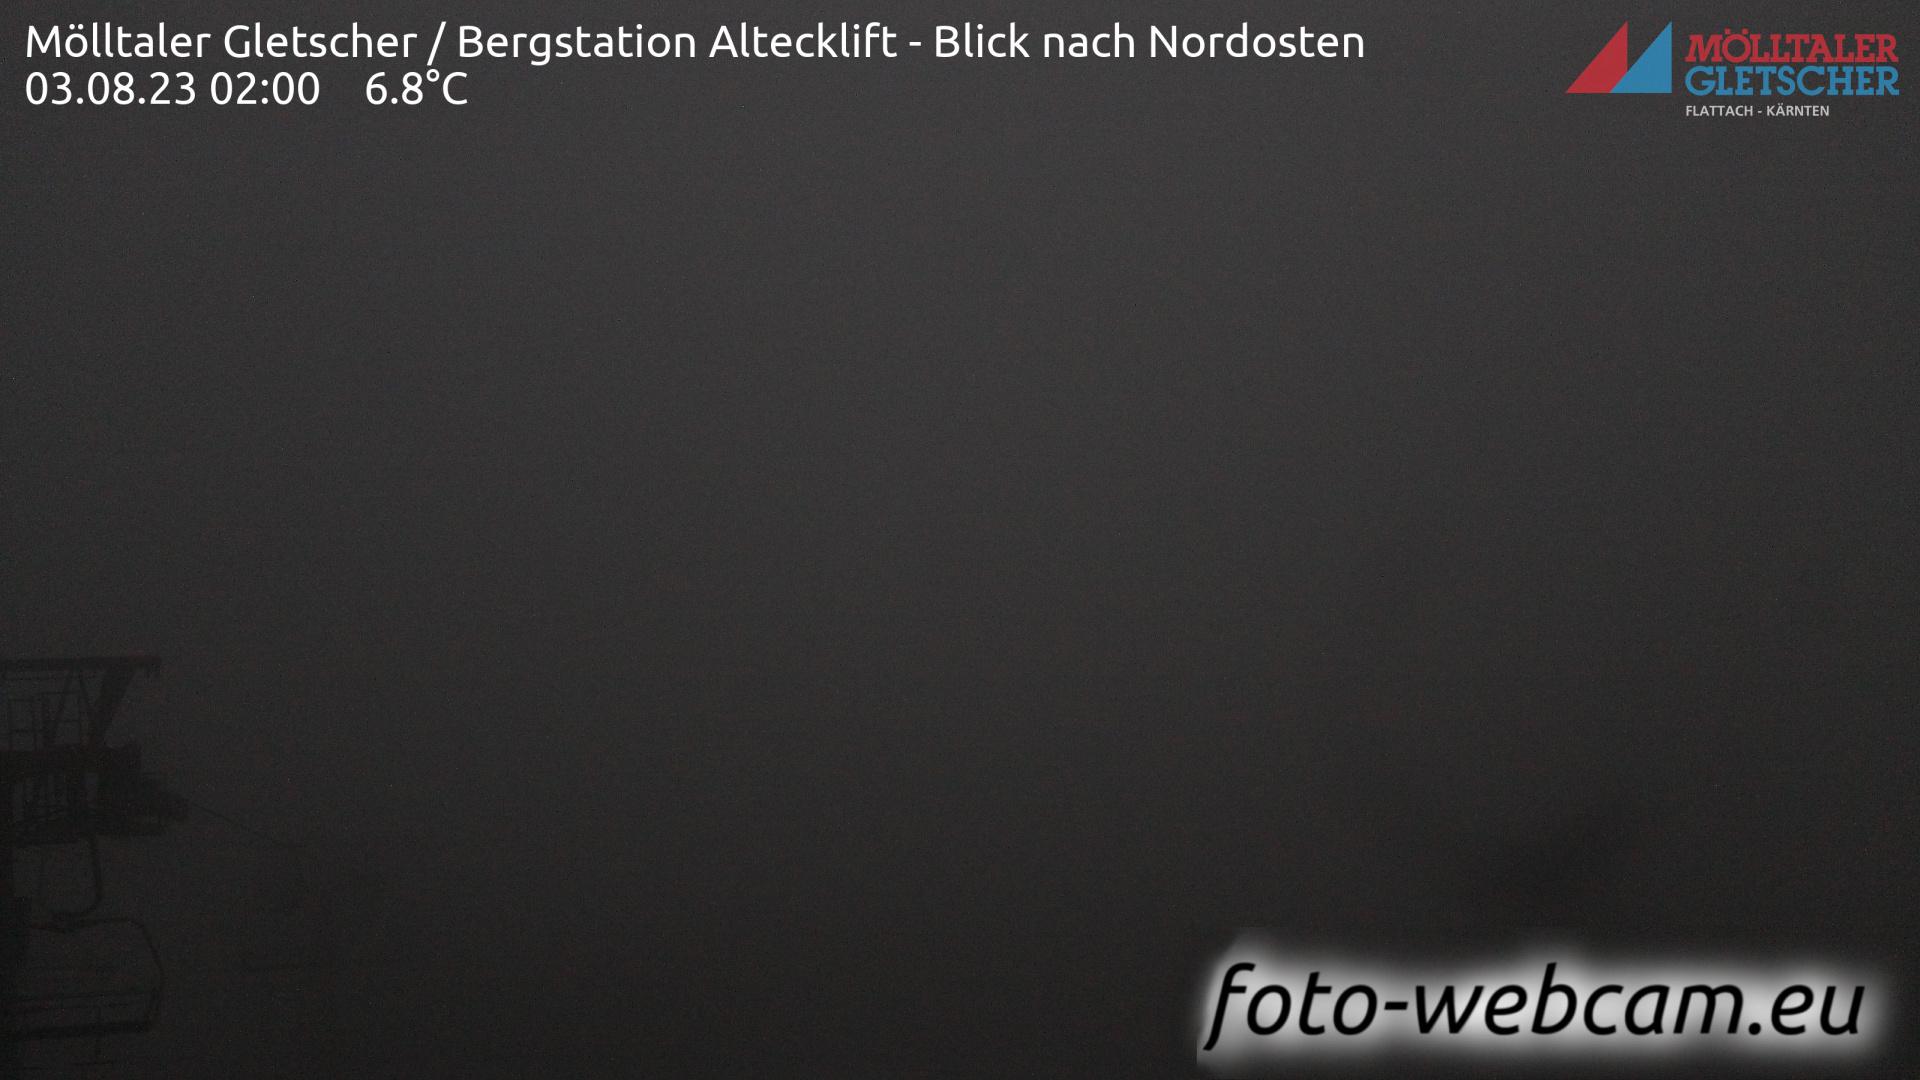 Mölltaler Gletscher Fr. 02:32